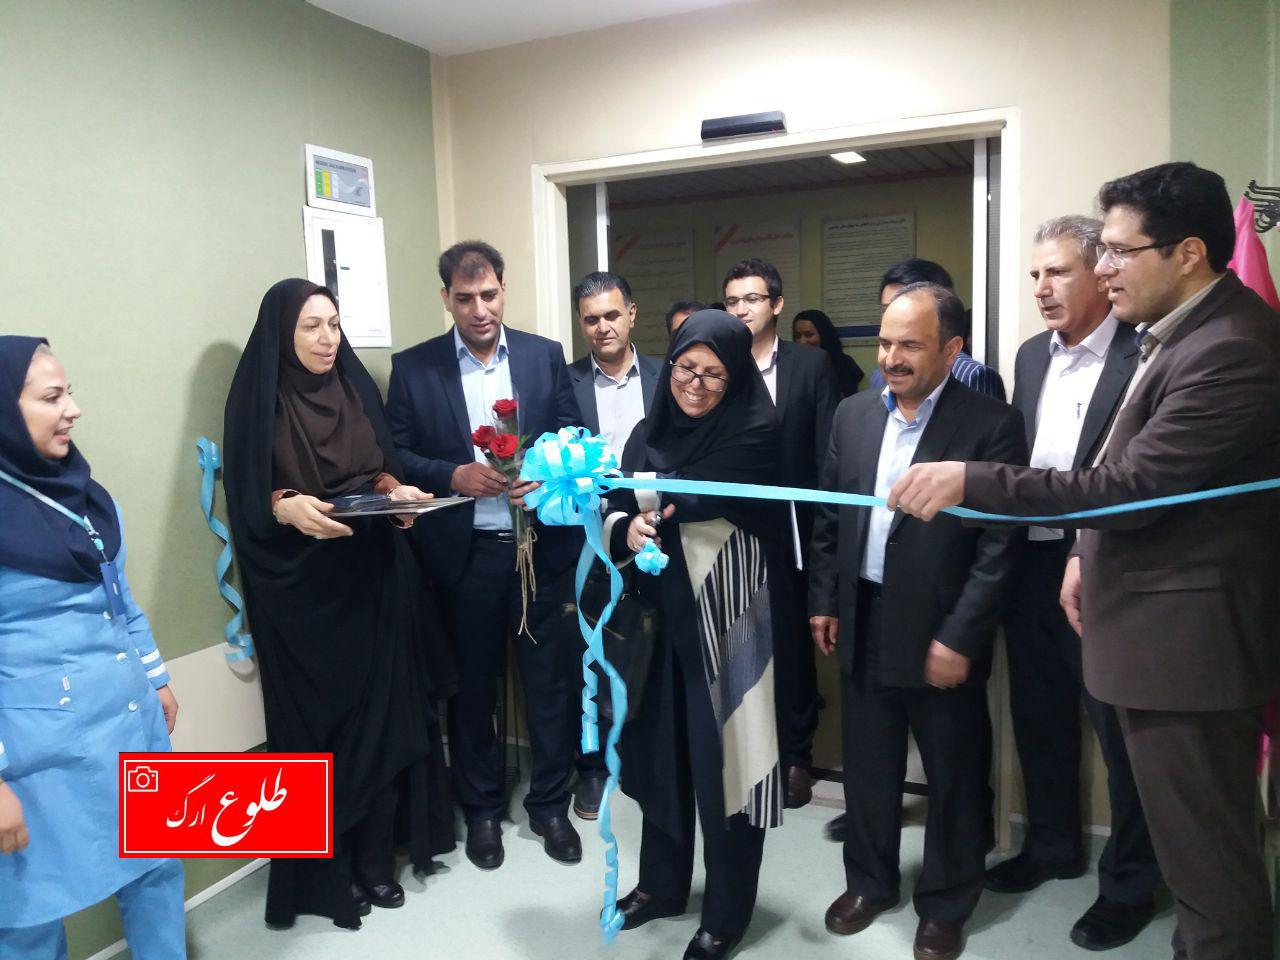 کلینیک پرستاری پیشگیری از بیماری های غیر واگیر در بم افتتاح شد